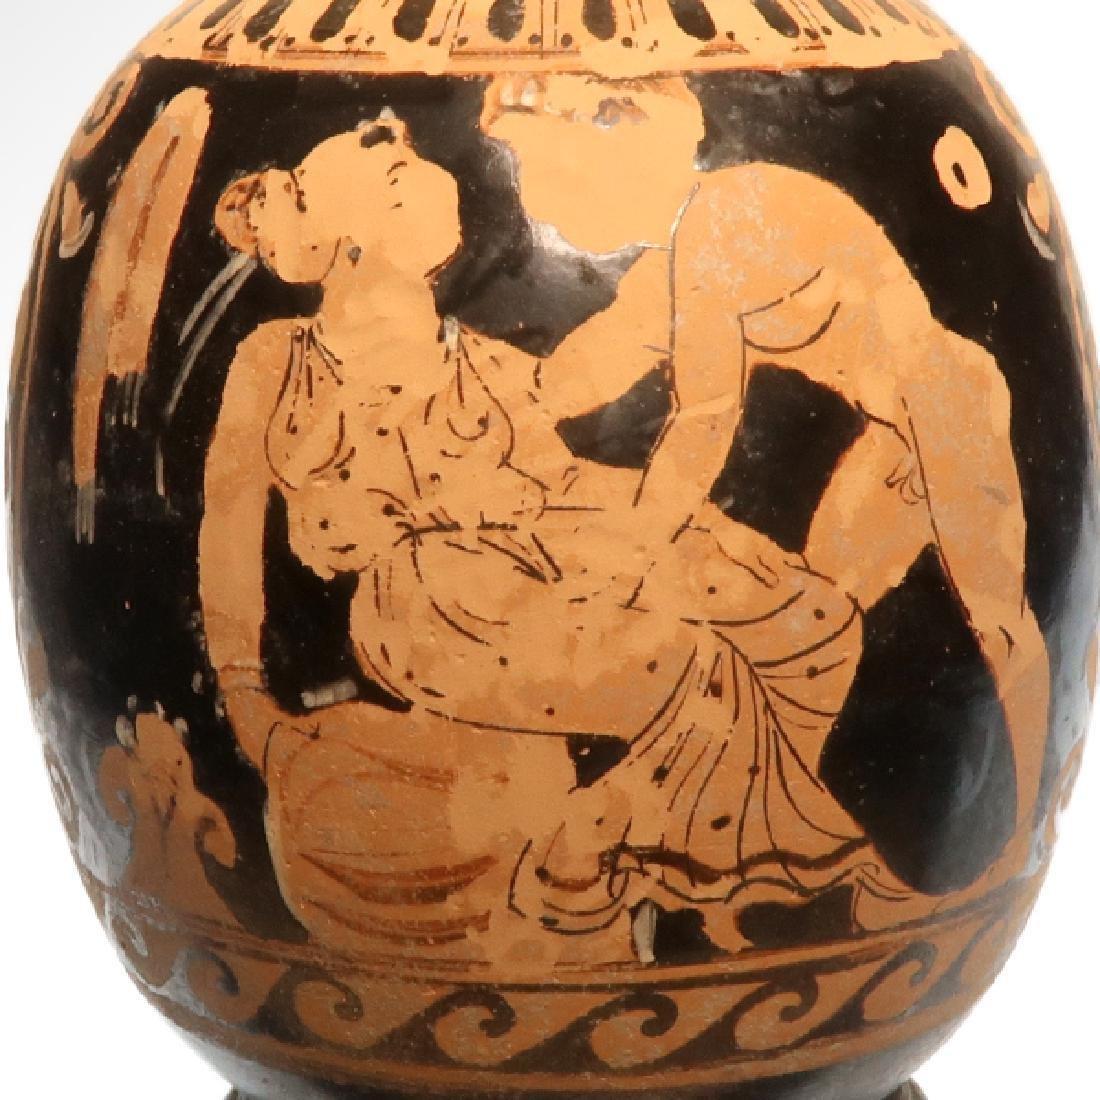 Greek Apulian Red Figures Lekythos, c. 350 - 300 B.C. - 2